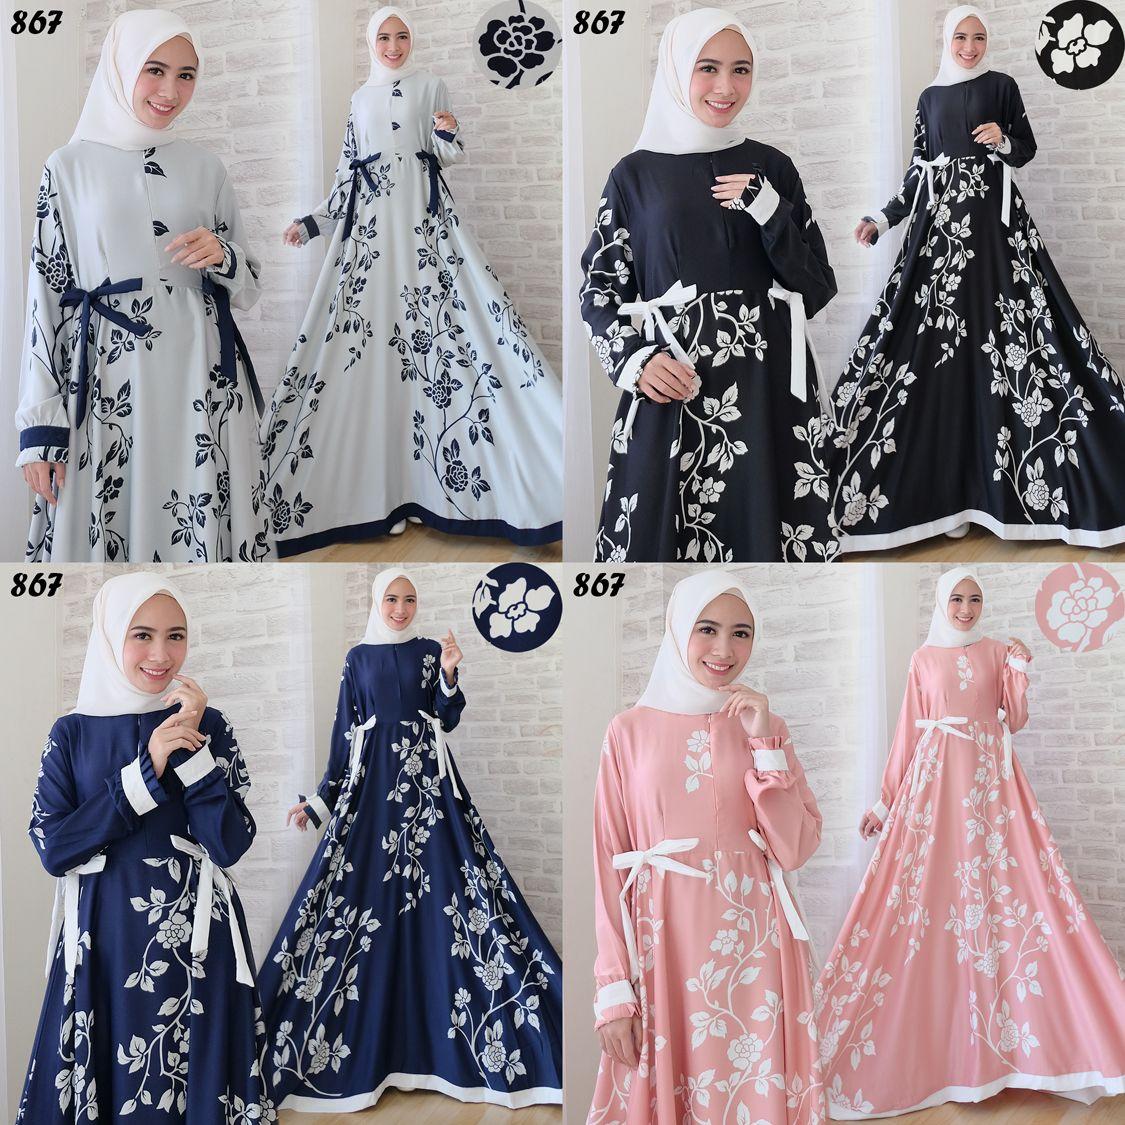 Gamis Modern Maxi Maxmara C10  Baju Muslim Remaja - Butik Jingga